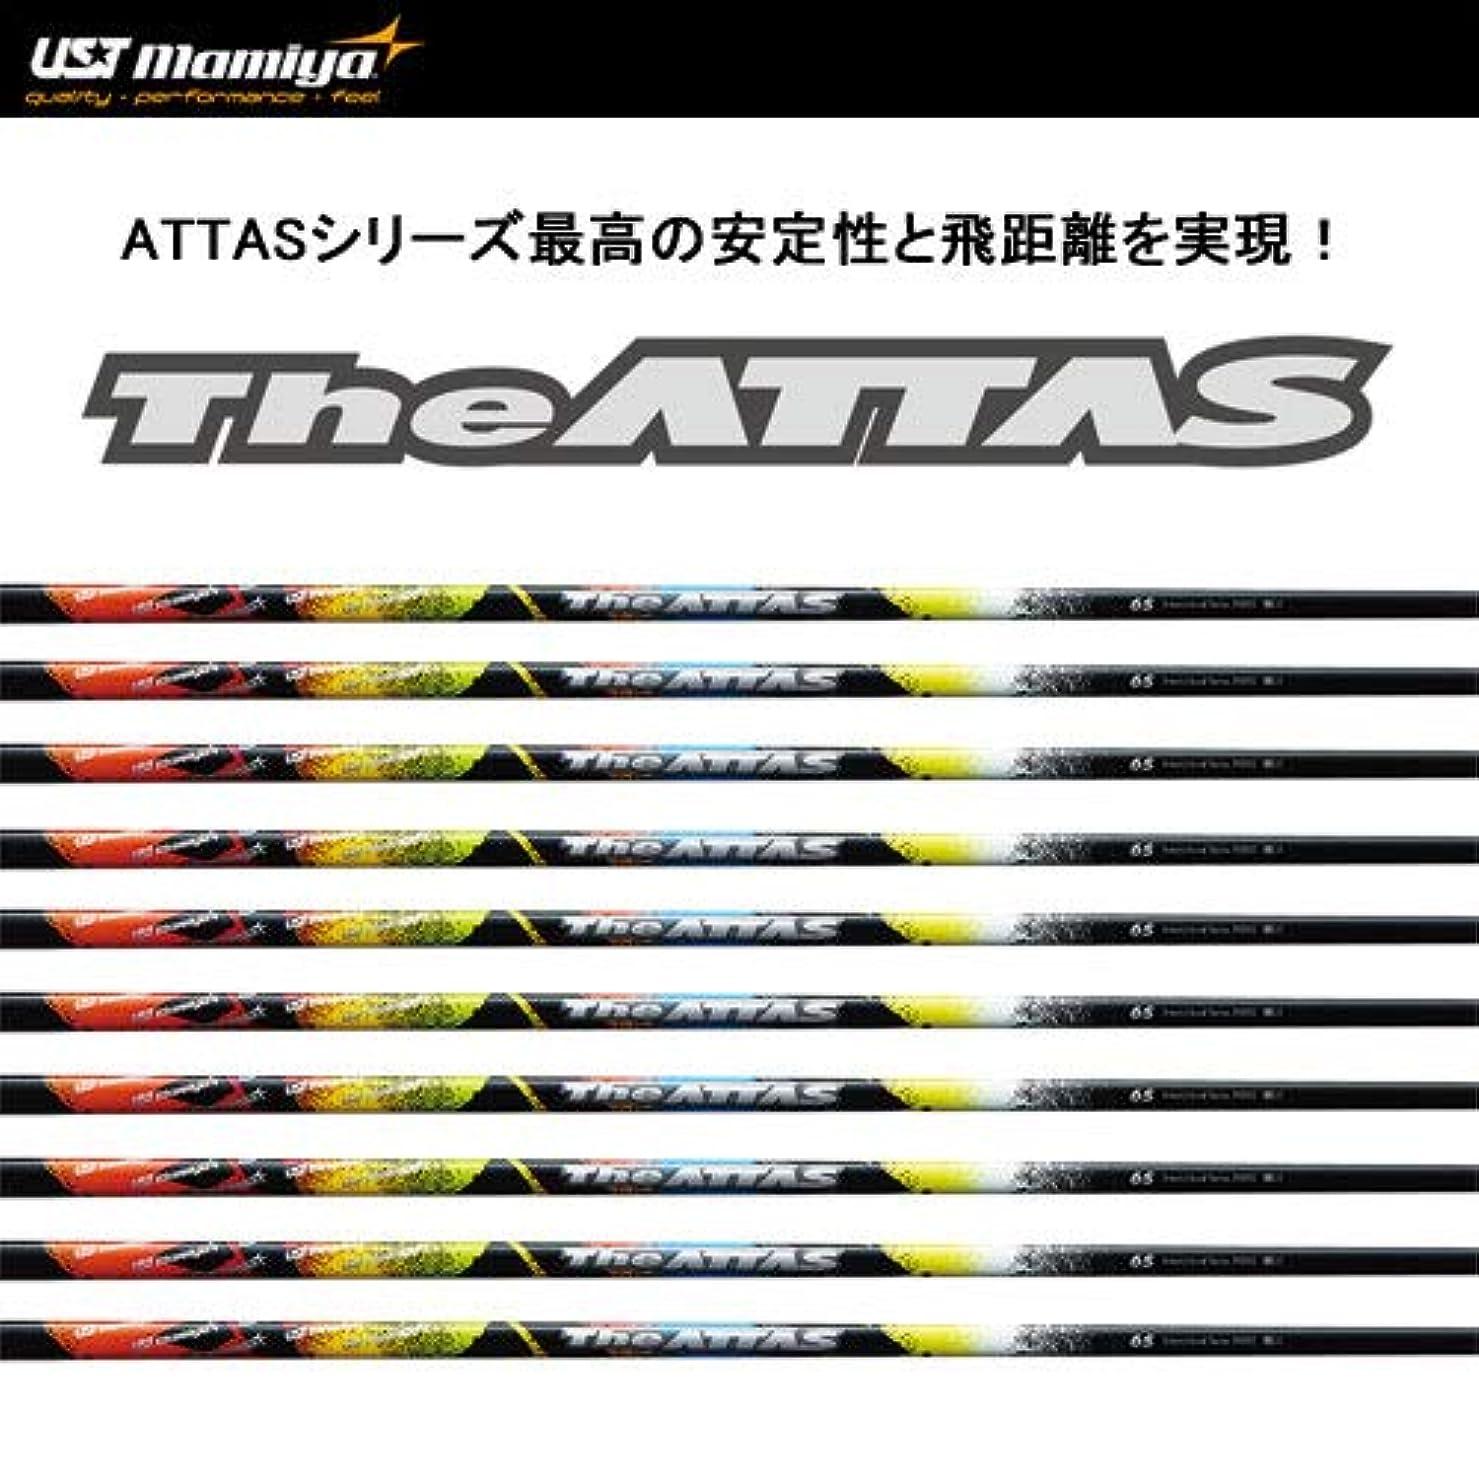 オッズガイダンス確認するキャロウェイ スリーブ付き THE ATTAS シャフト長:44.125インチ仕上げ